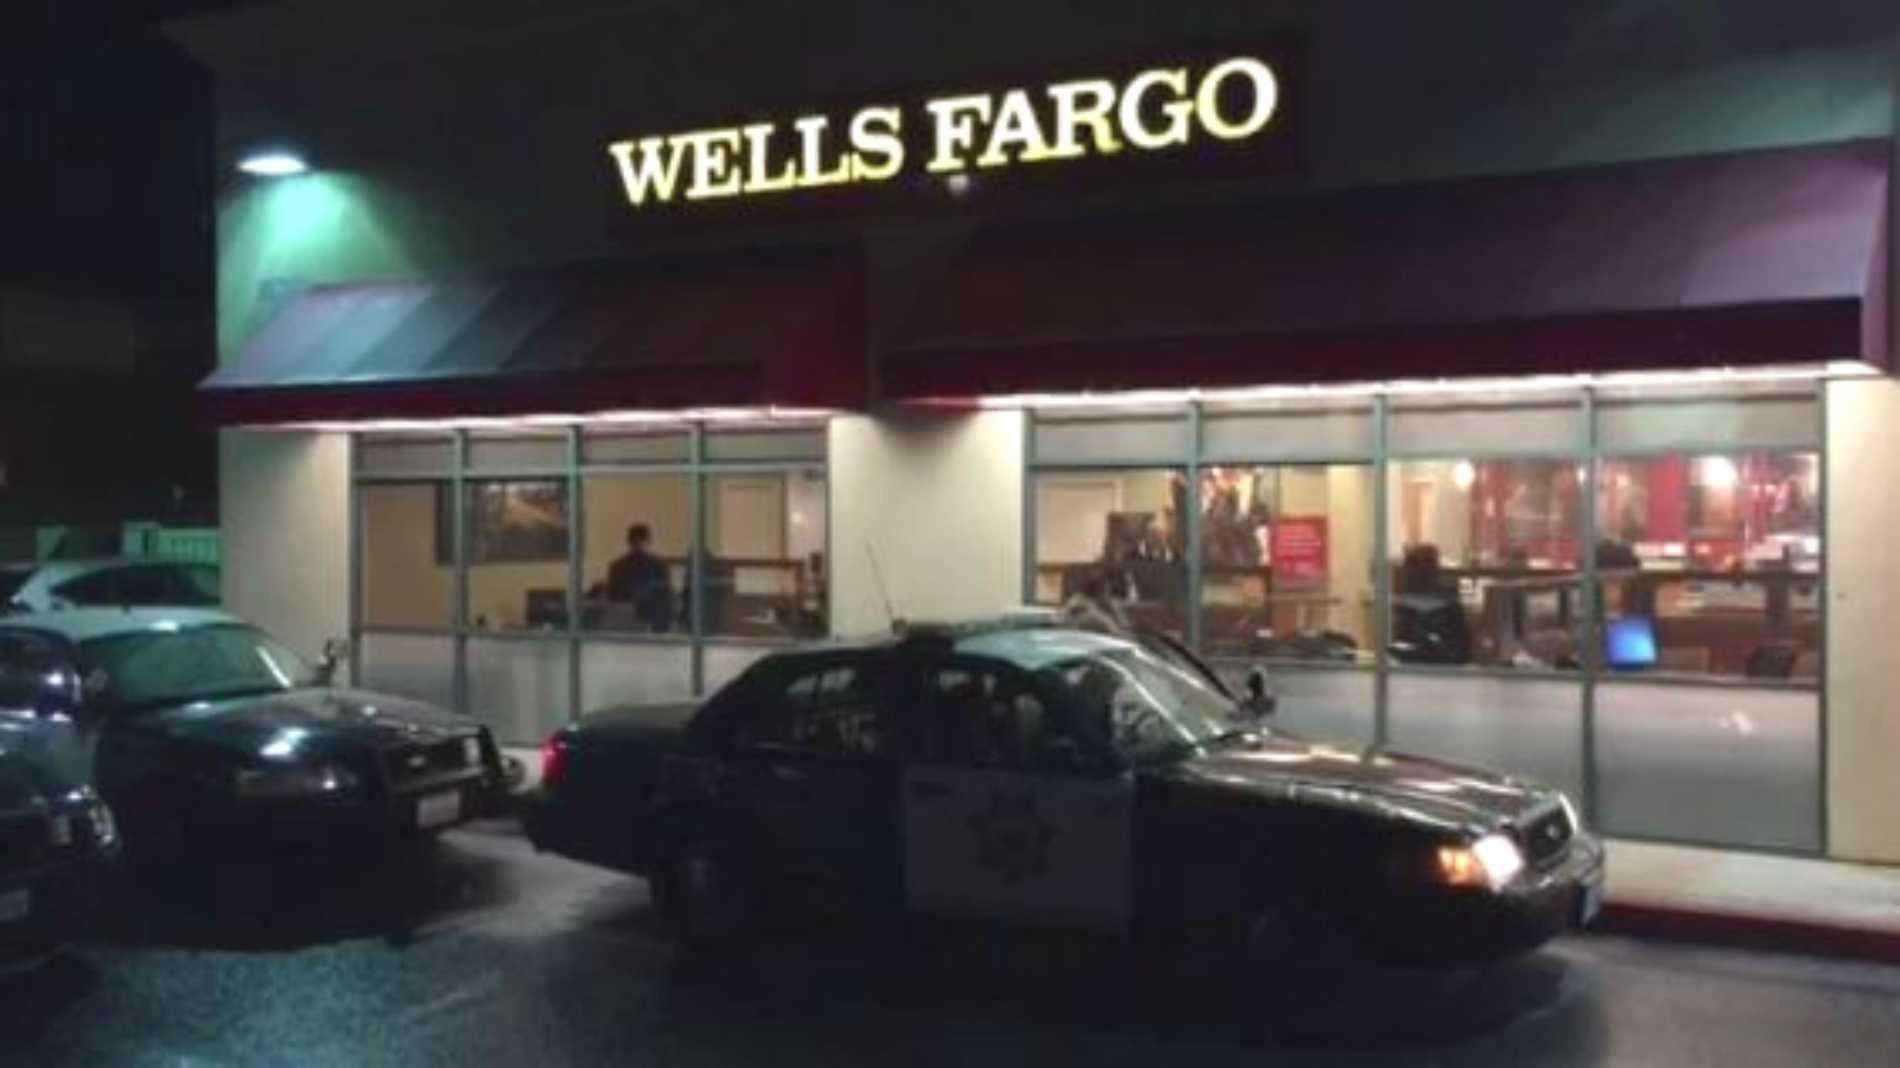 Wels Fargo